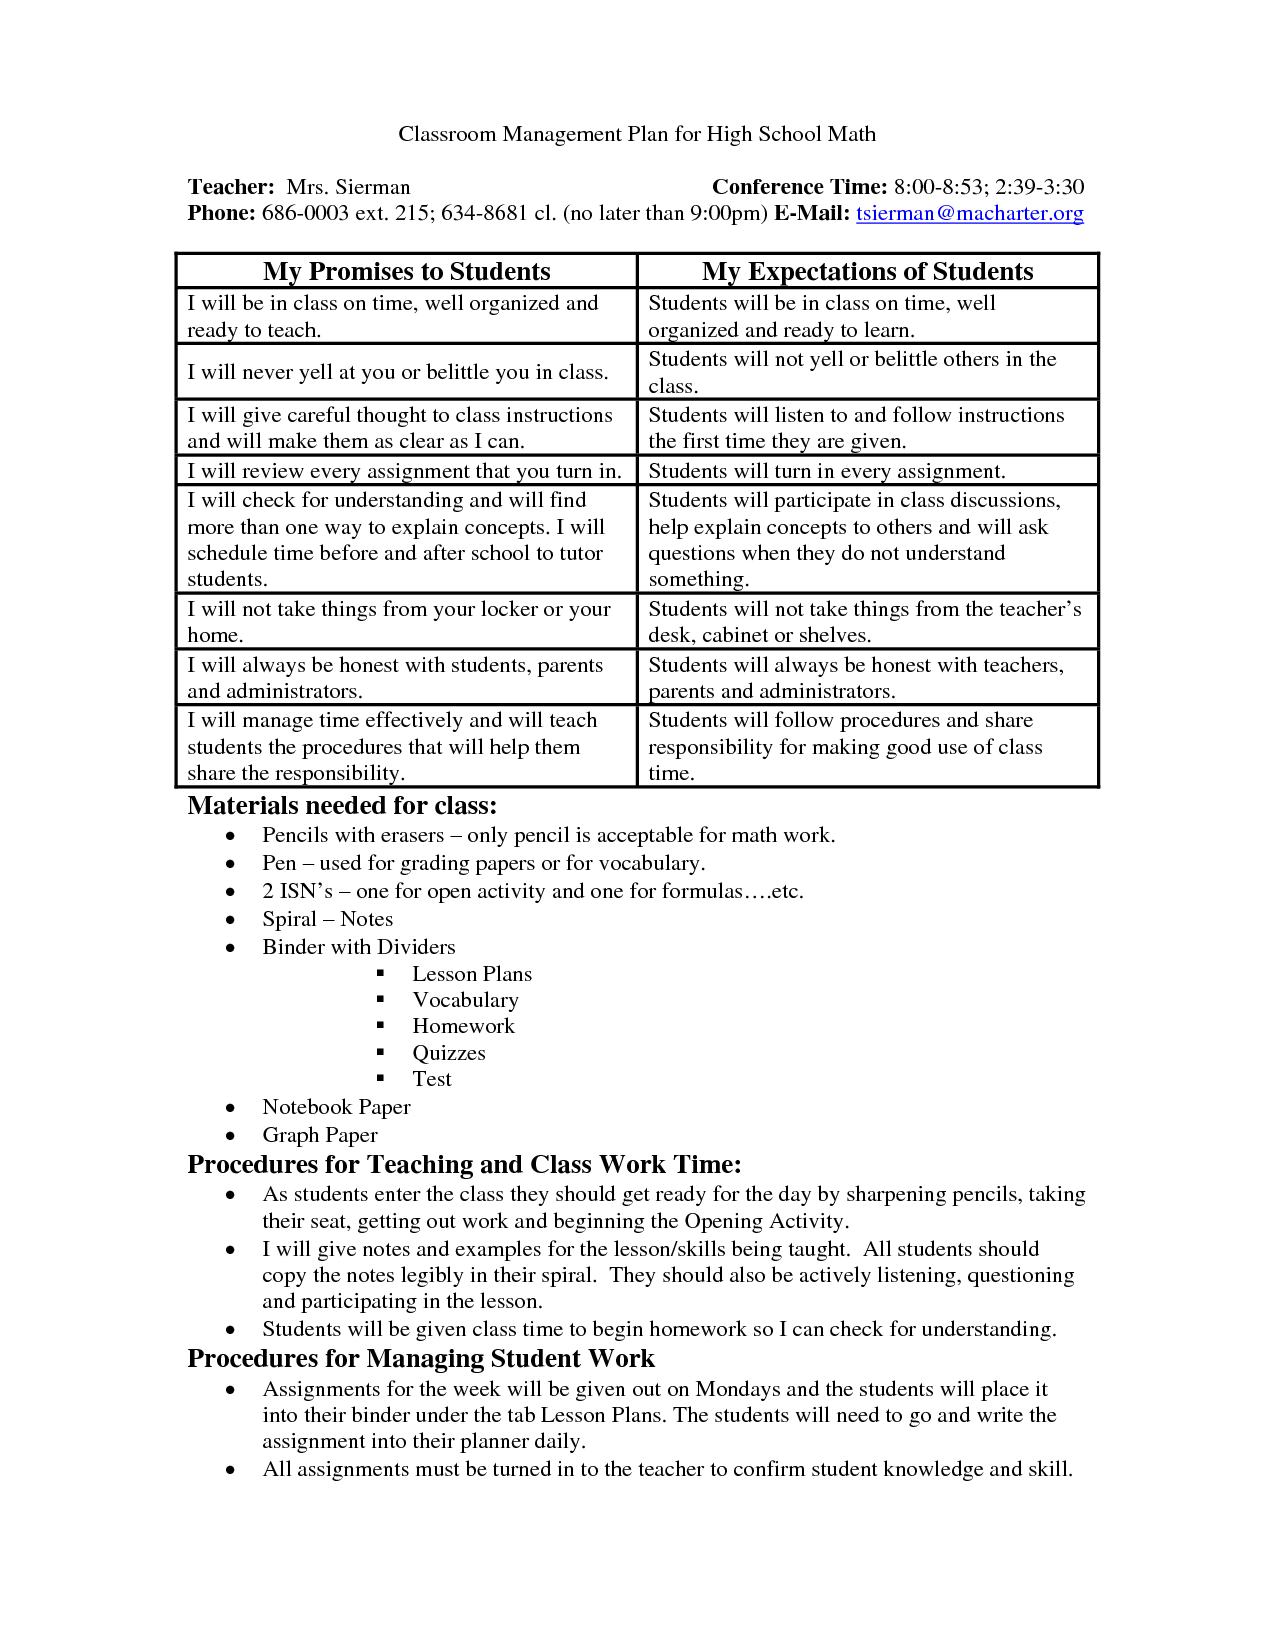 School Wide Examples Discipline Plan Classroom